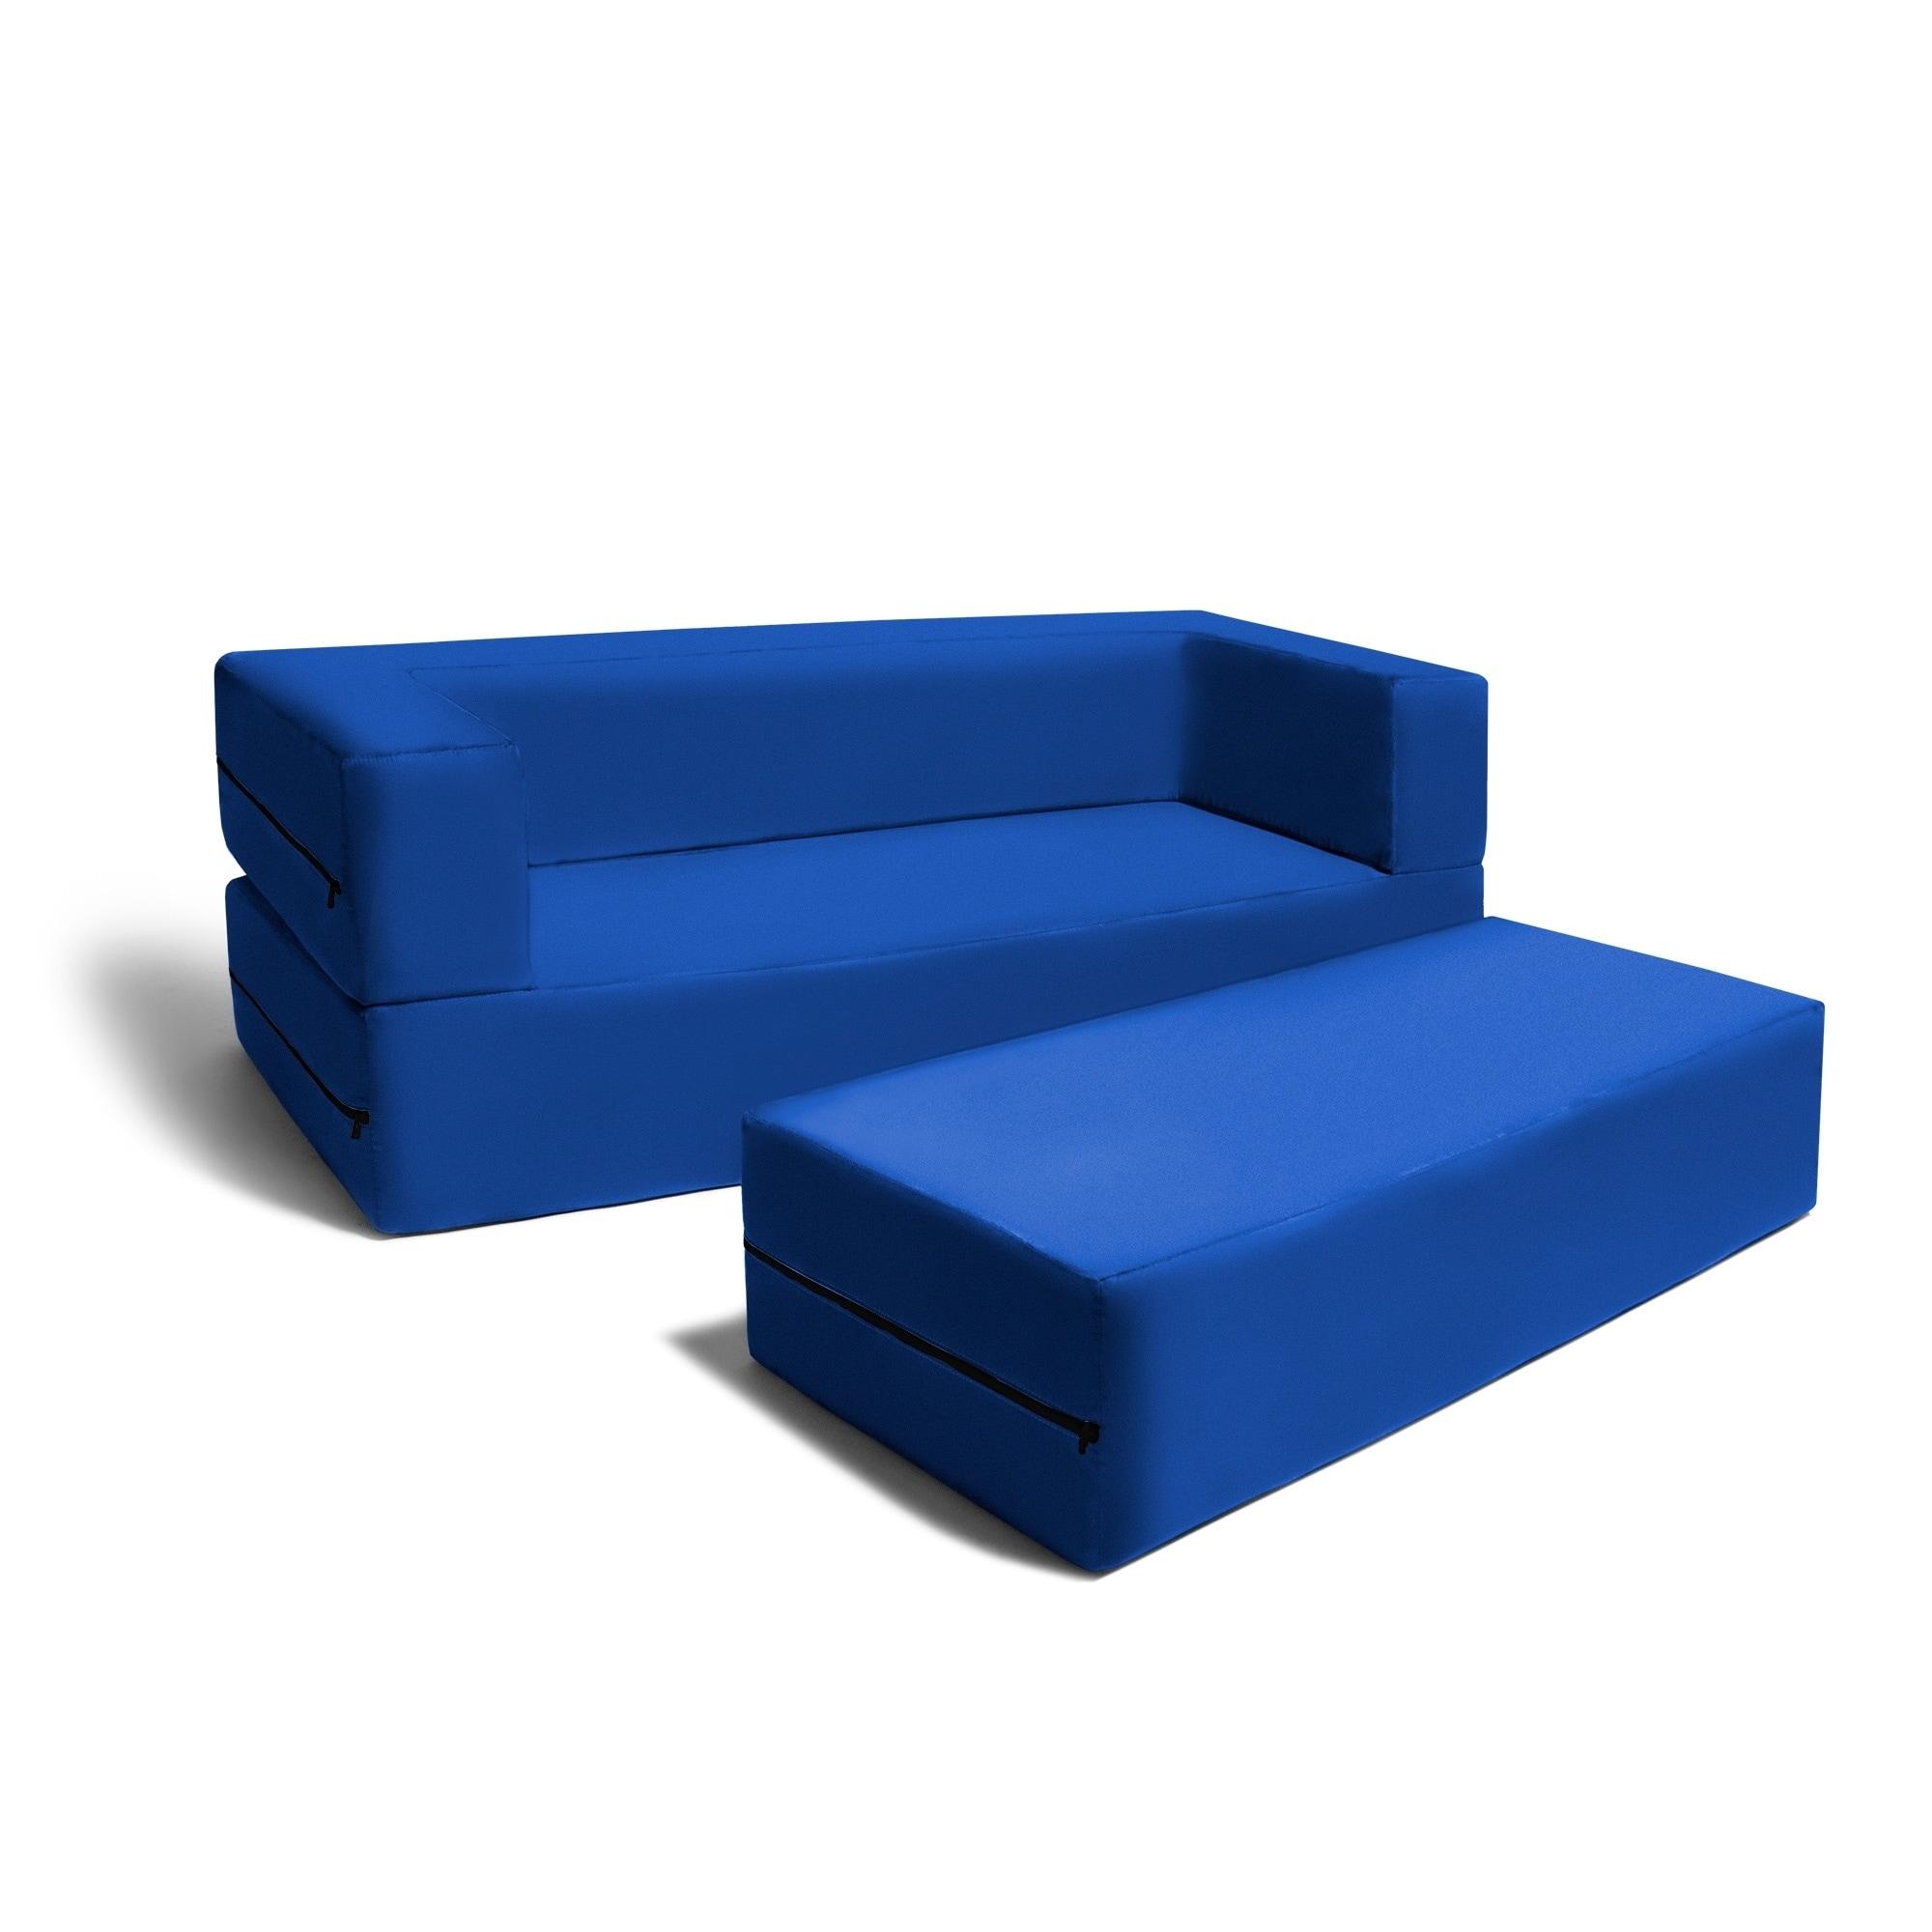 Ja Kids Convertible Sleeper Sofa Ottoman Set